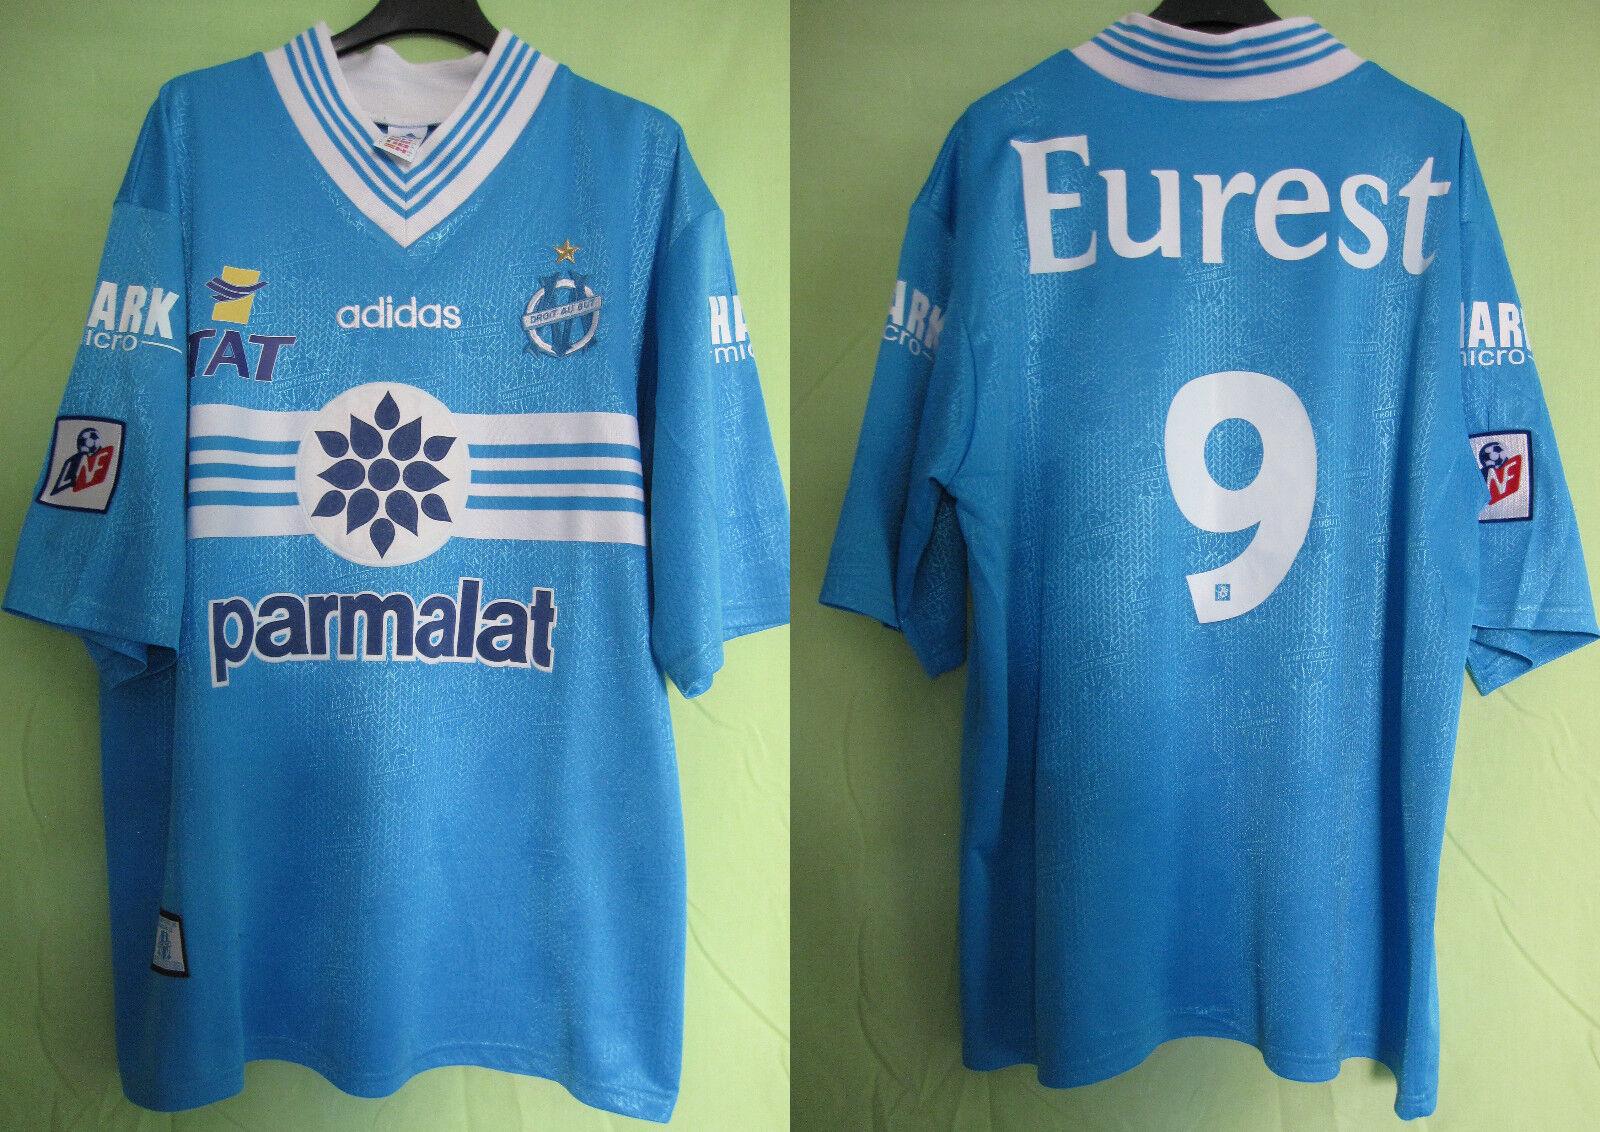 Maillot Olympique de Marseille Football shirt Porté  9 OM Eurest Parmalat - L